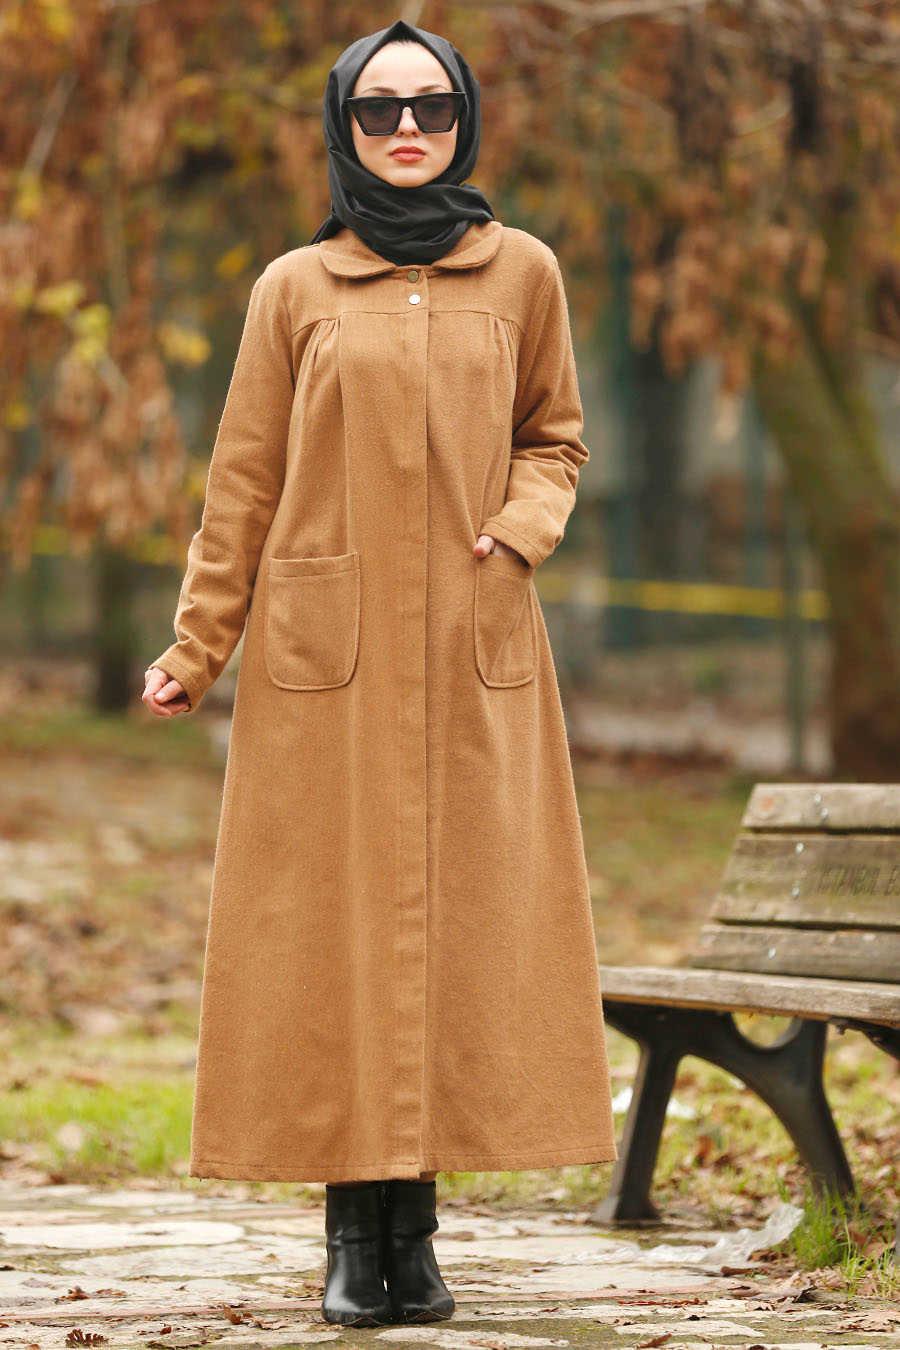 Neva Style - Camel Hijab Coat 2445C